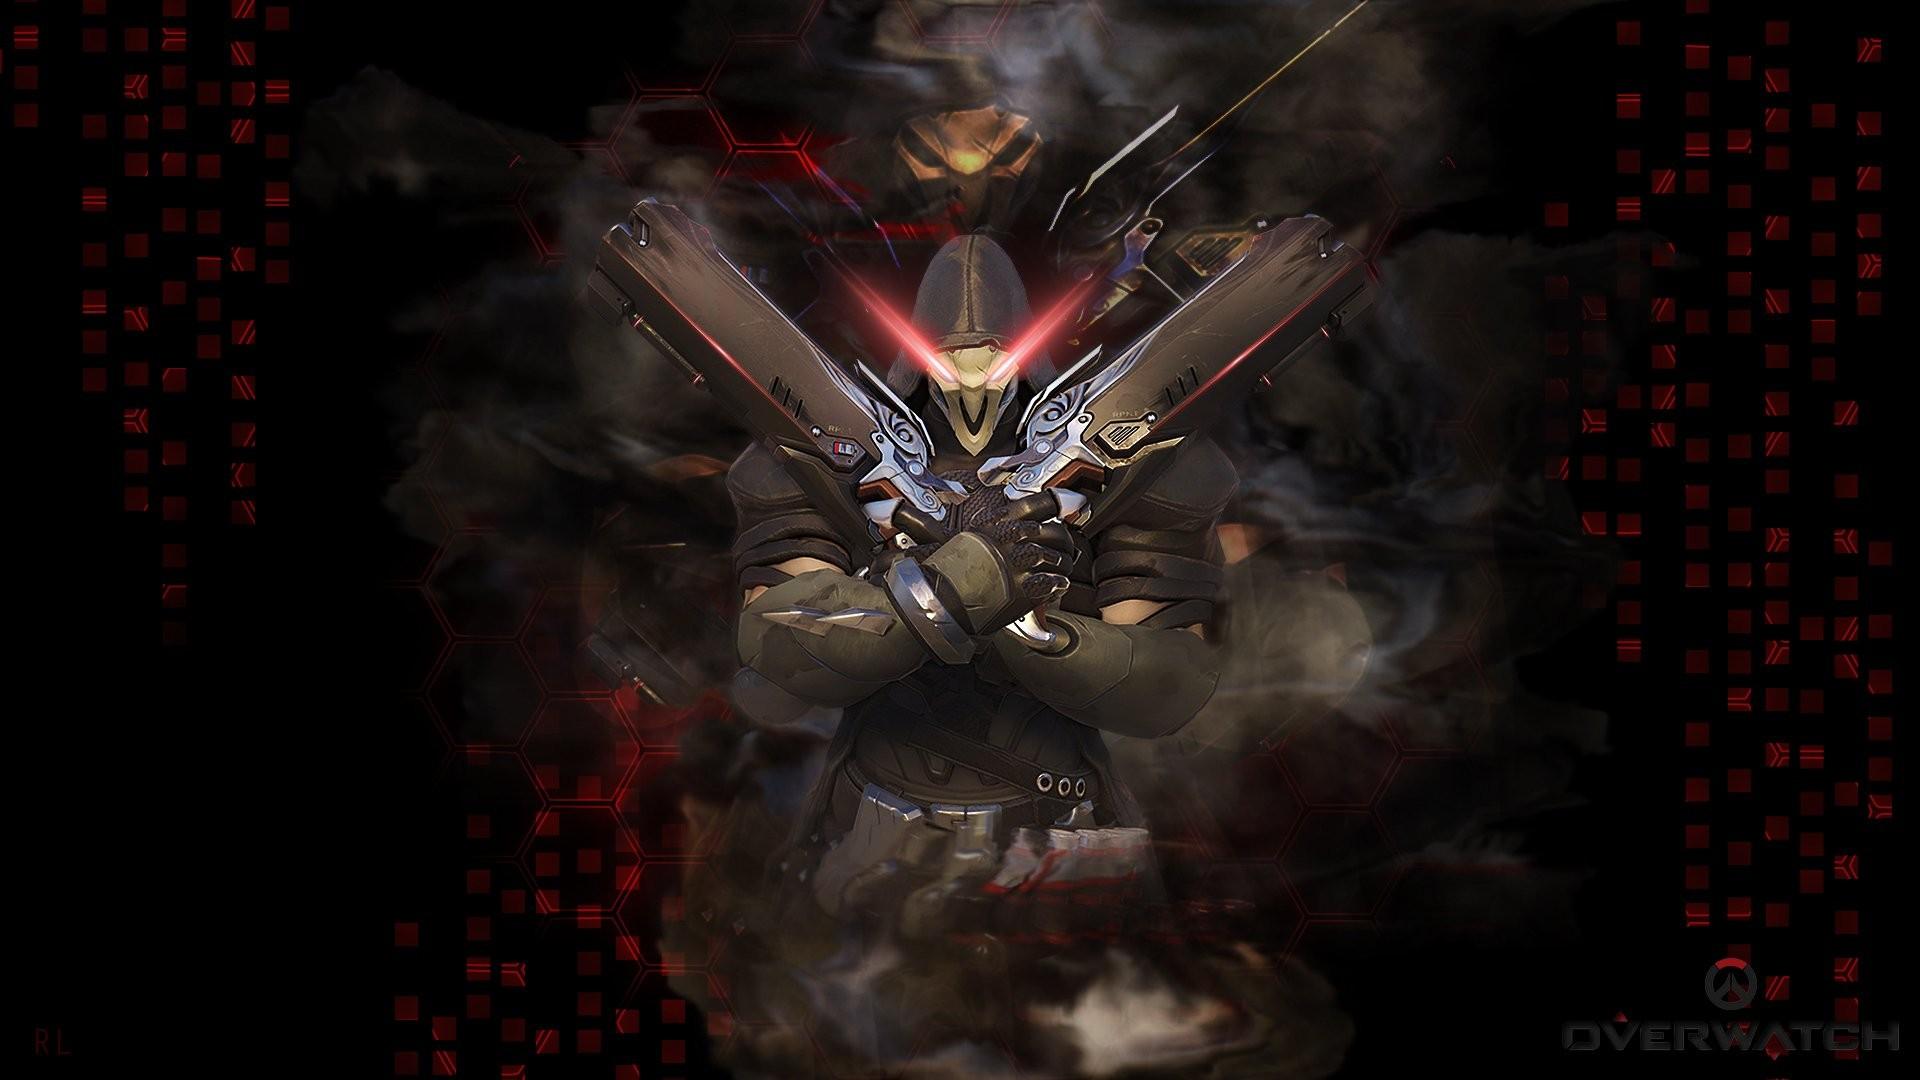 Iphone Reaper Overwatch Wallpaper Hd